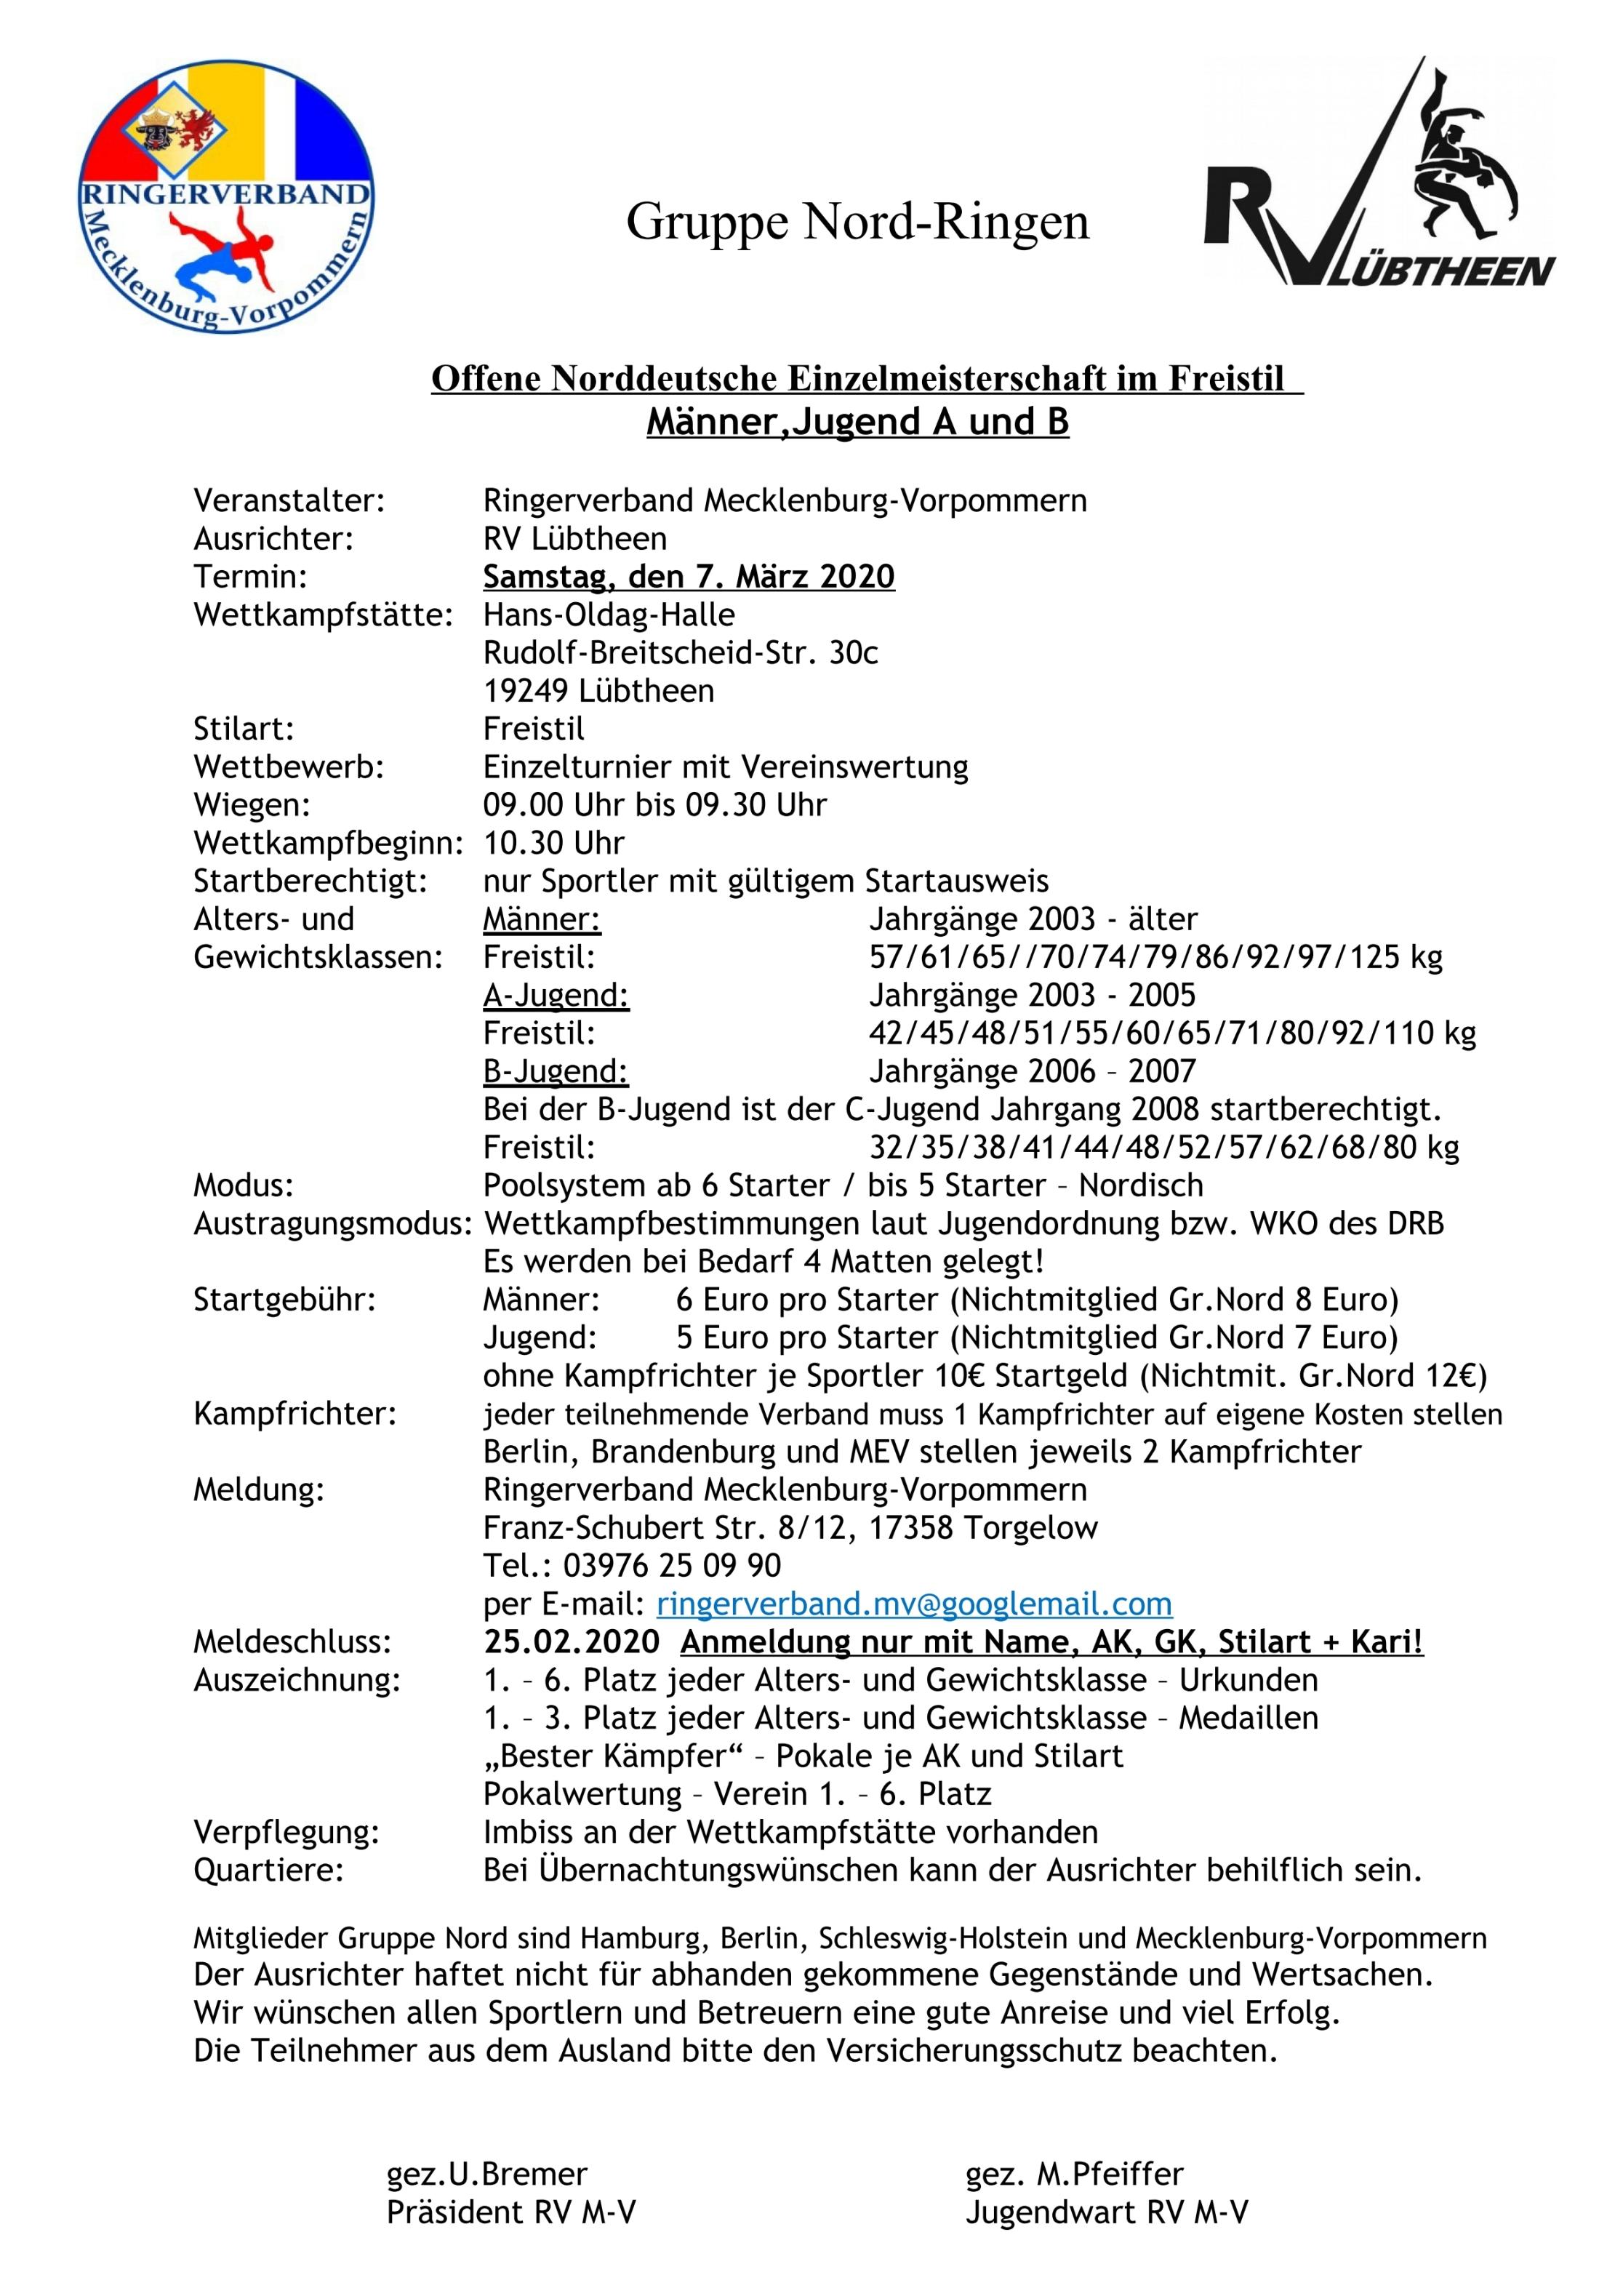 Offene Norddeutsche Einzelmeisterschaft Männer, Jugend A & B FS